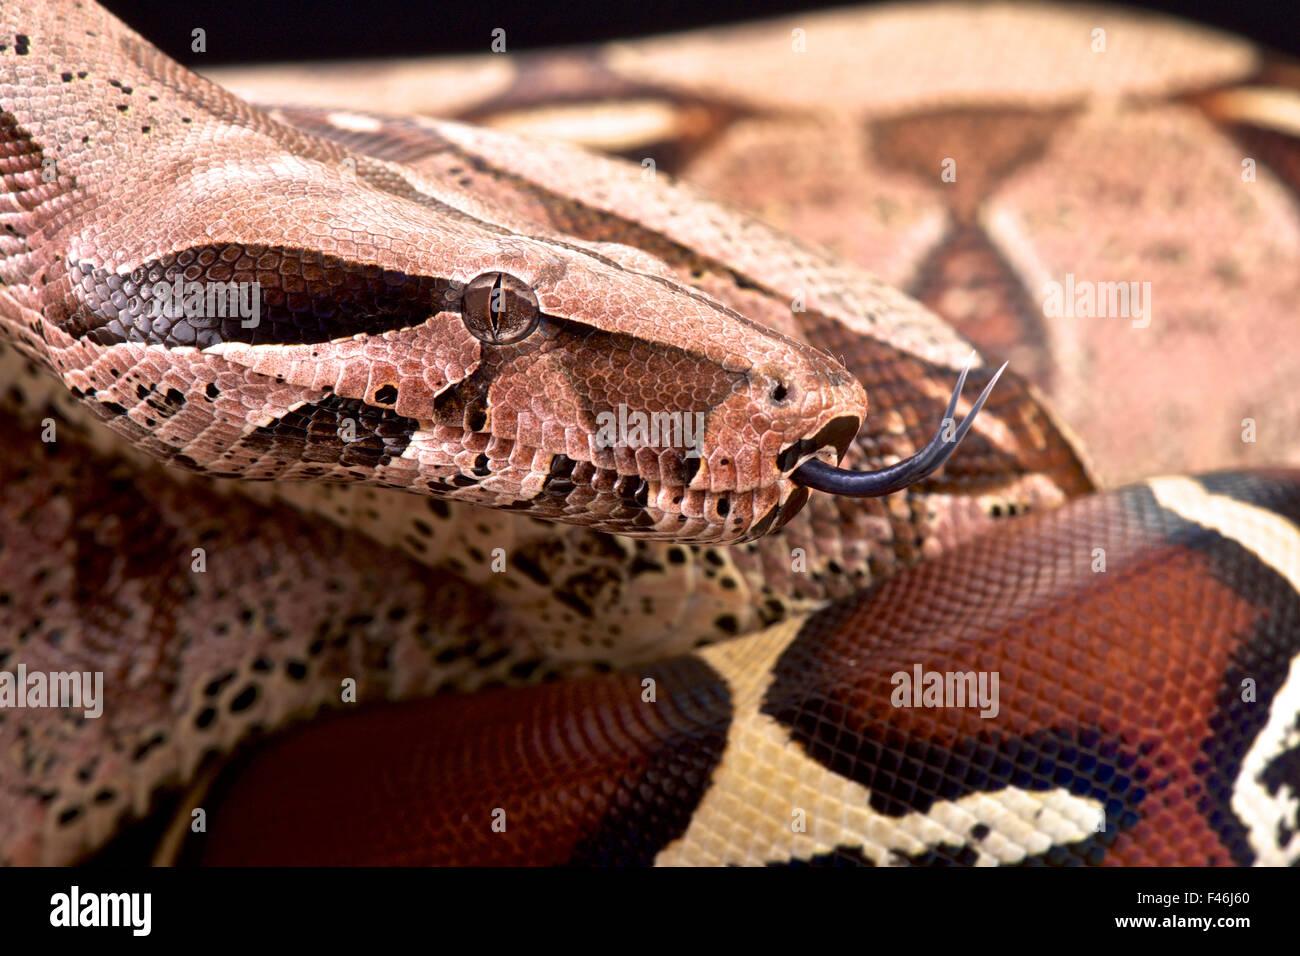 Bolivian boa (Boa constrictor amarali) - Stock Image